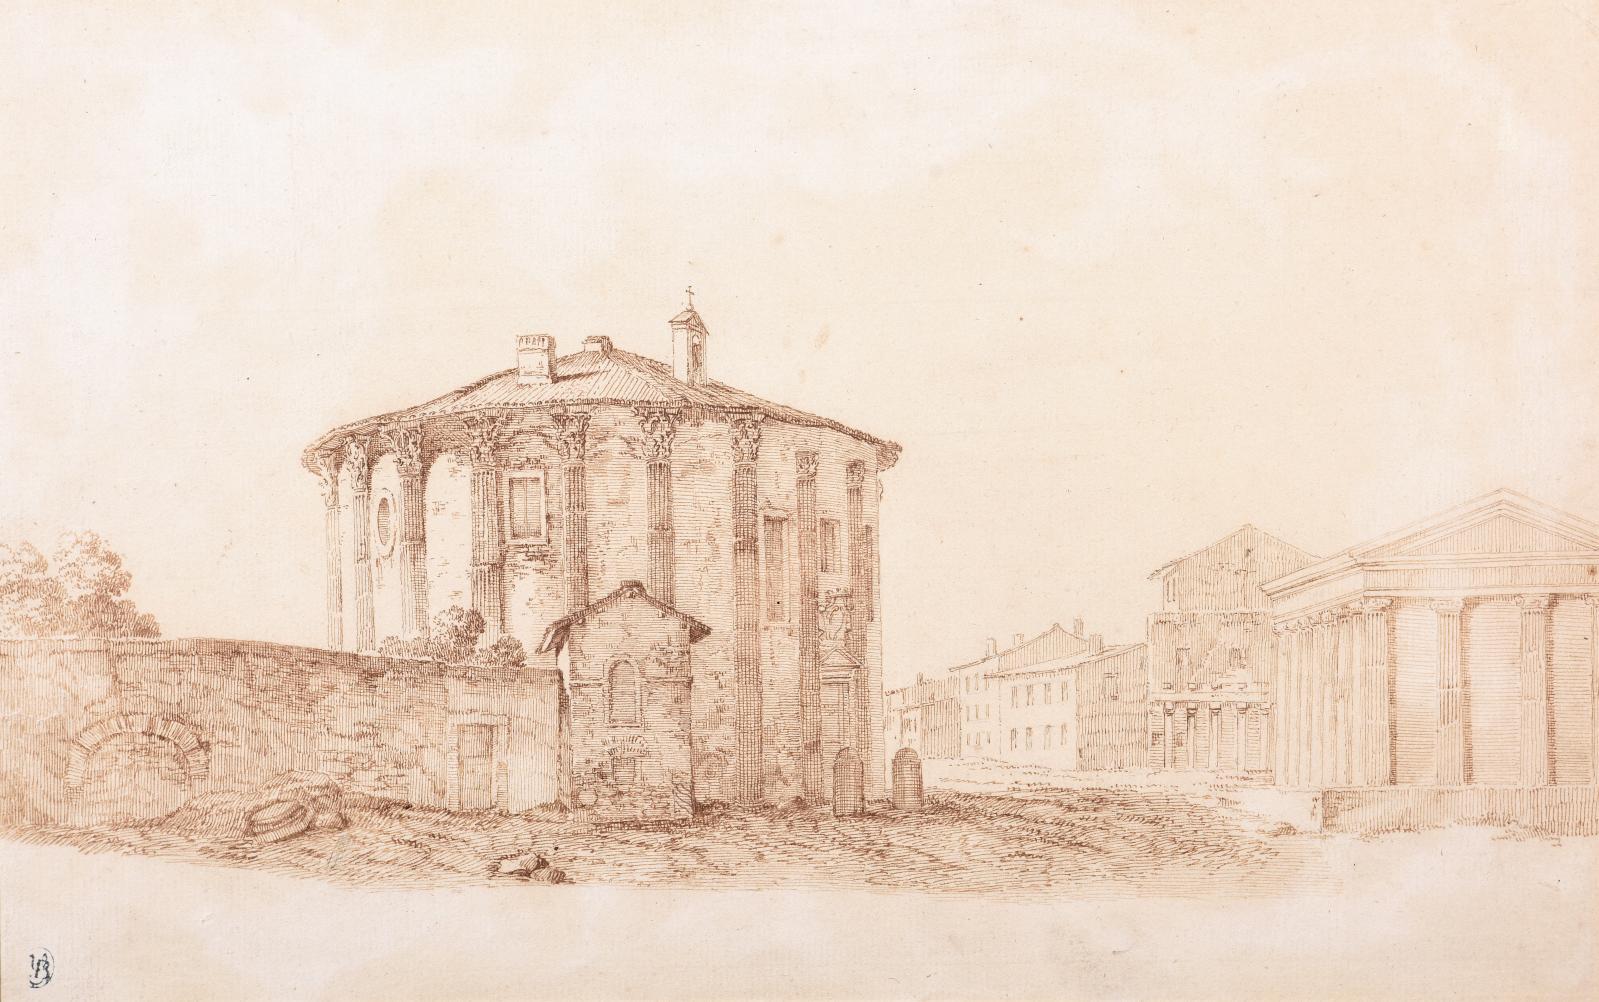 Hubert Robert (1733-1808), Le Jardin Caprarola animé, 1764, sanguine, 32,5x44,5cm.Paris, Drouot, 20 novembre 2019.De Baecque OVV. M.A